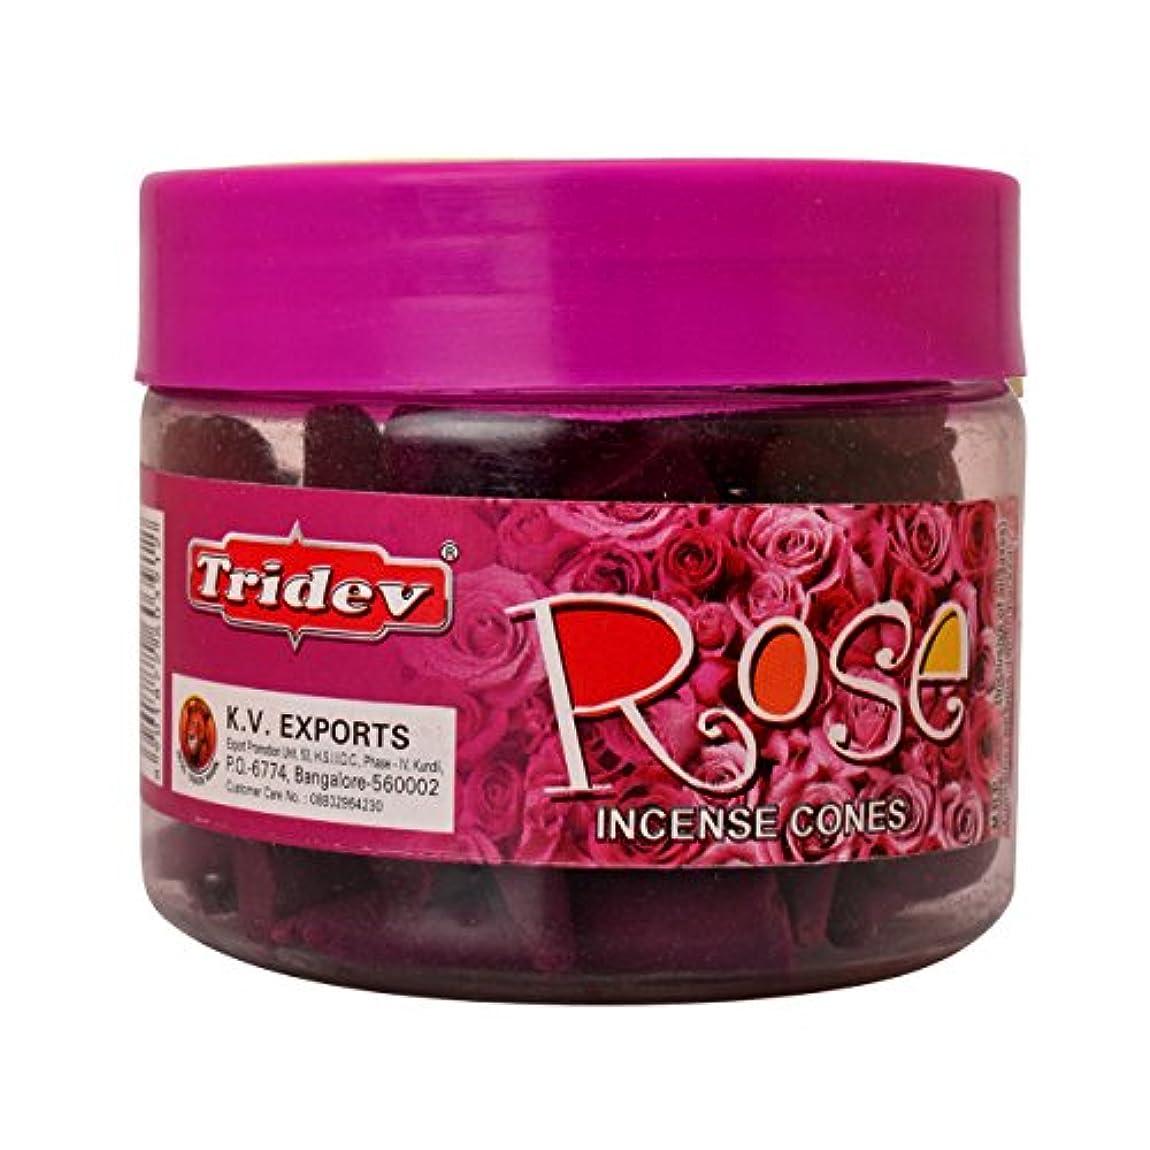 低下論争偽装するTridev Rose Incense Cones Jar 90グラムパック